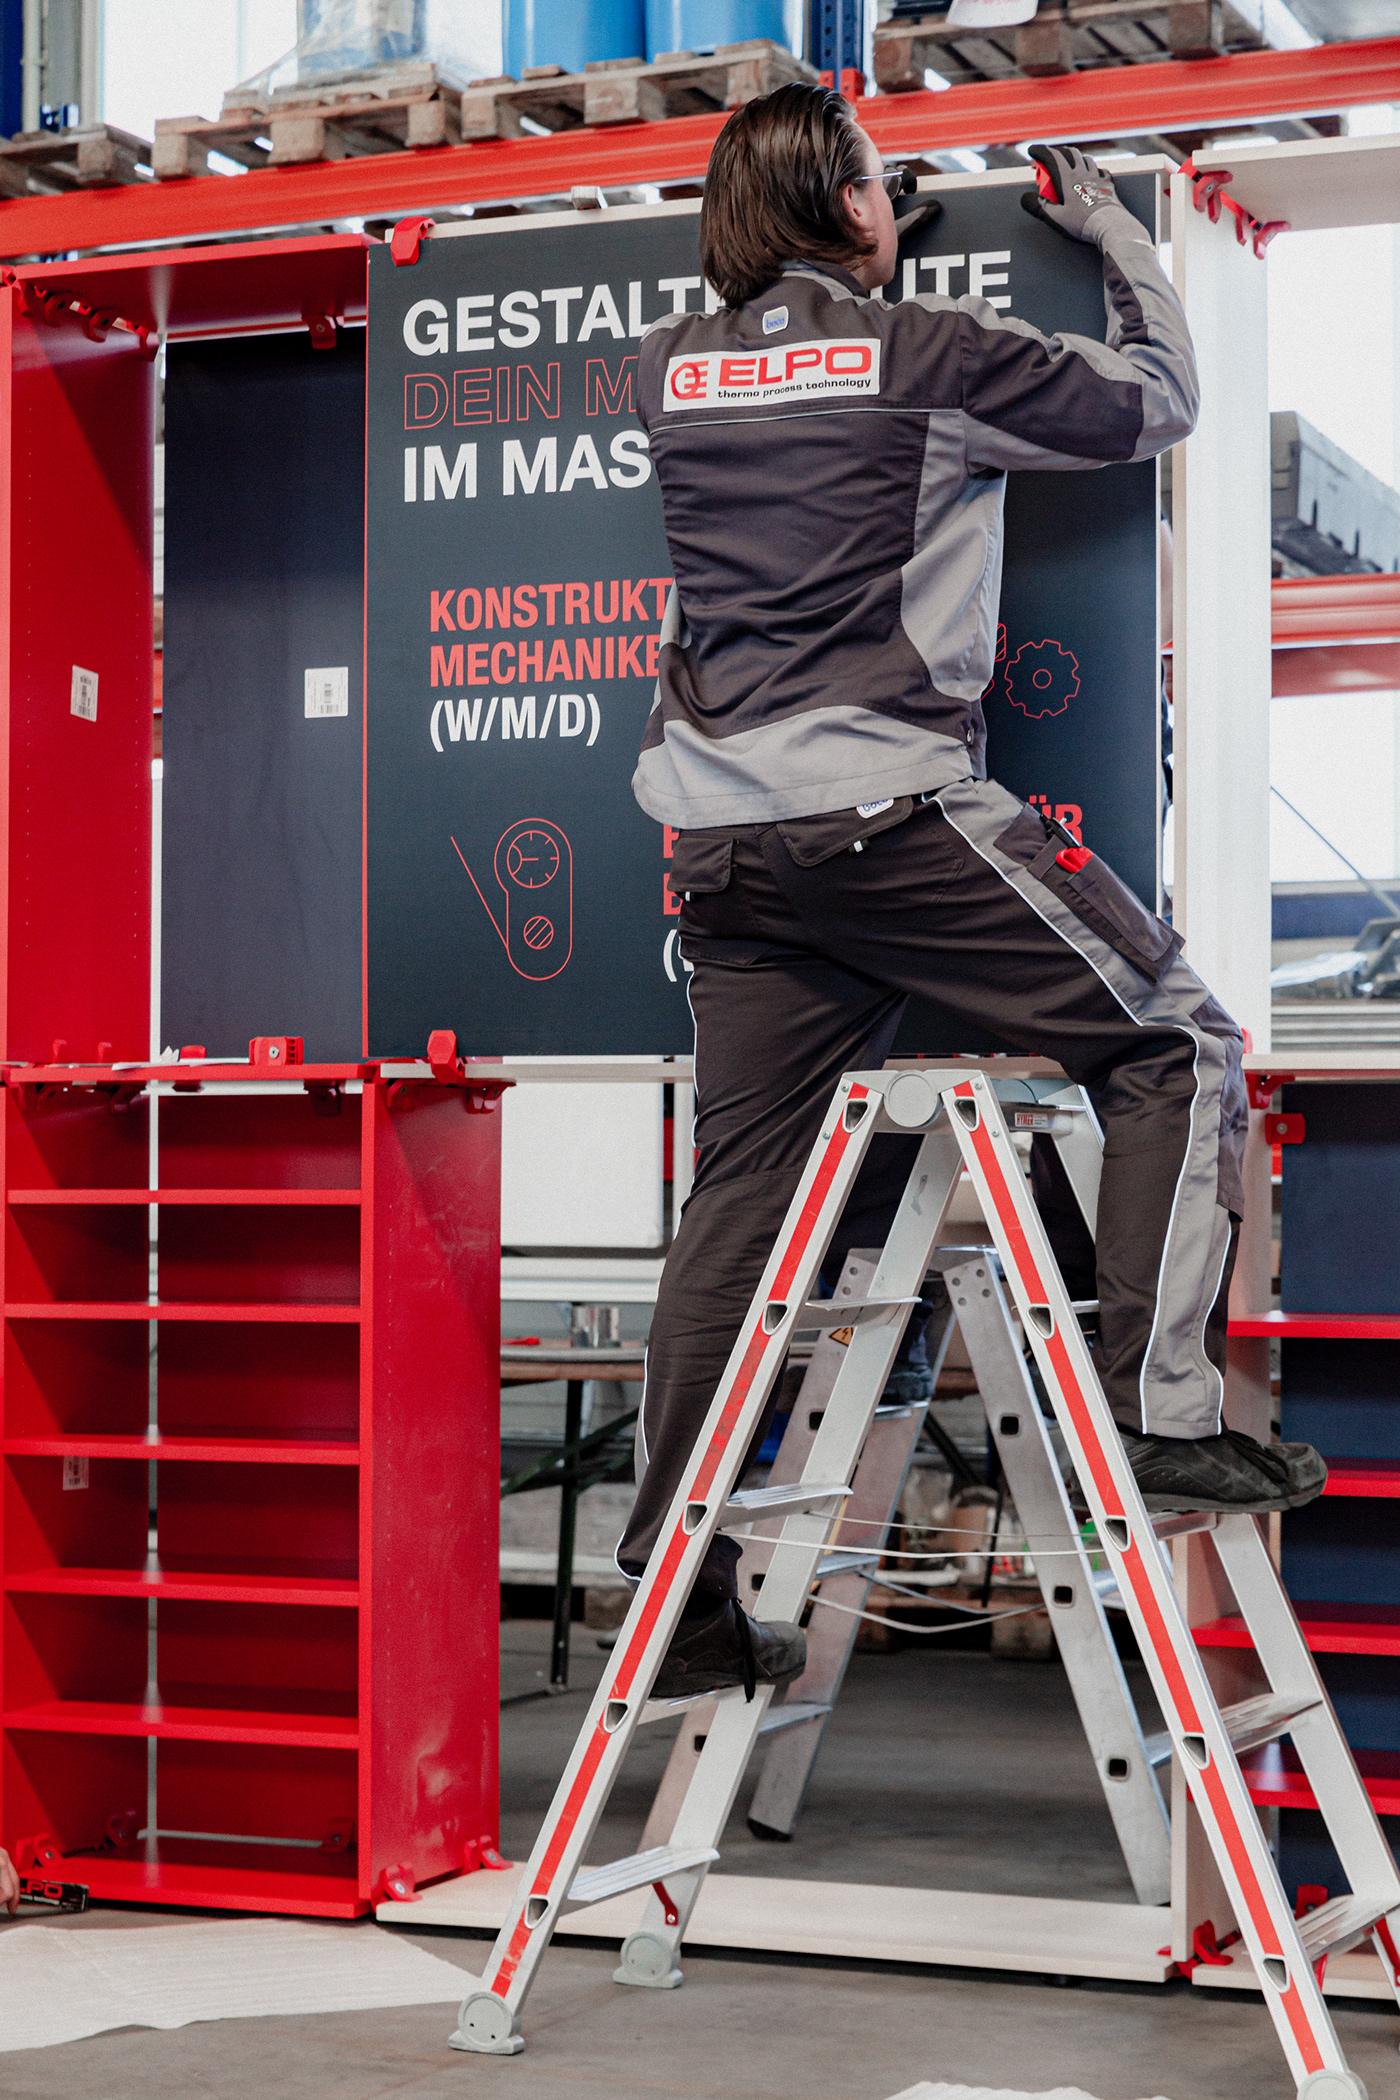 branddesign branding  brandspace design Holz Interior interiordesign manufacture Messe schreiner